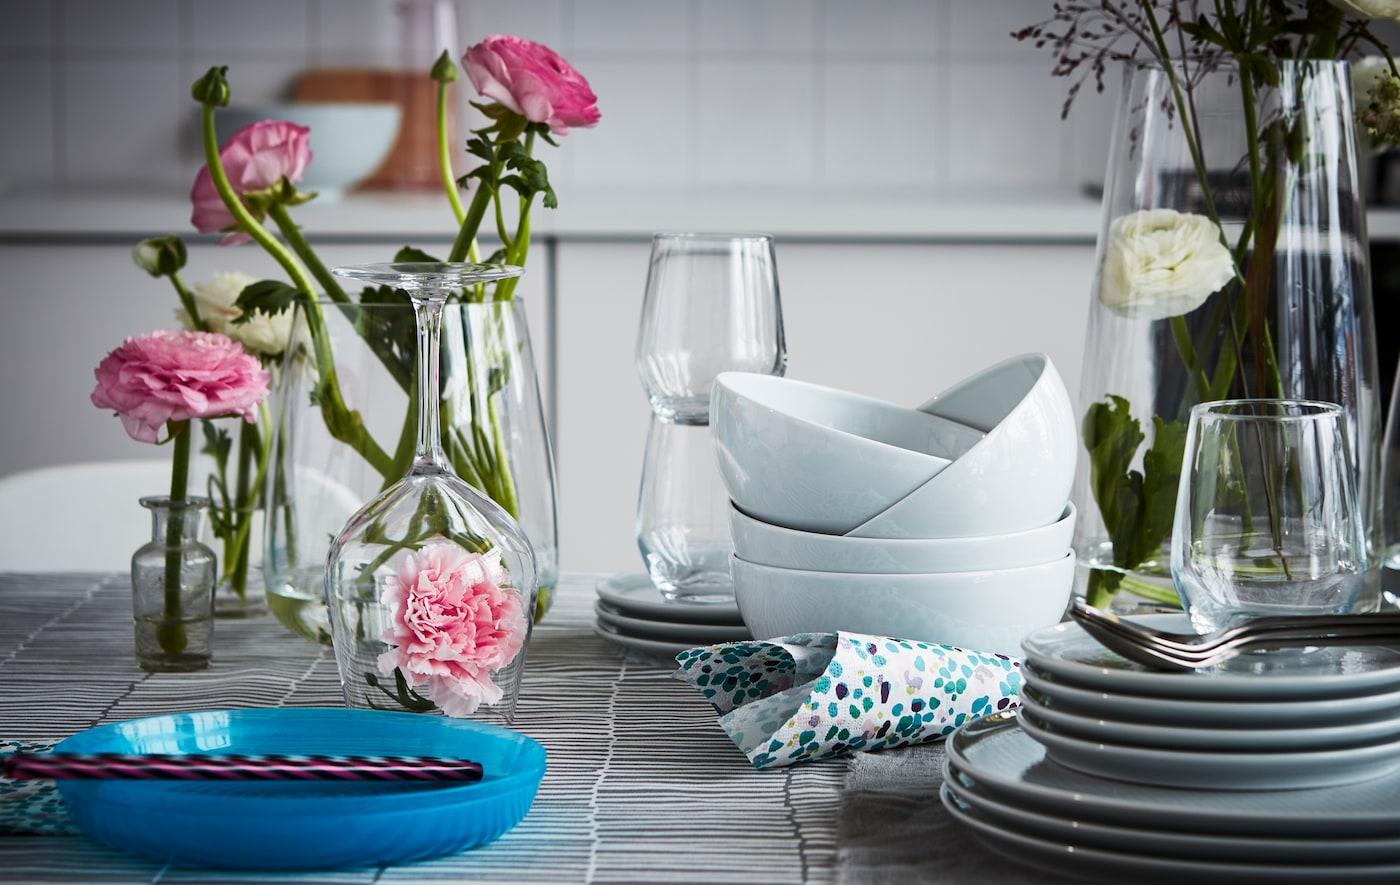 ディナーウェアやカトラリー、美しいワイングラスのモダンな組み合わせで、フレッシュなテーブルセッティングを演出しましょうイケアでは、クリアガラスを使ったIVRIG/イーヴリッグ 白ワイングラスなど、さまざまなグラスを取りそろえています。